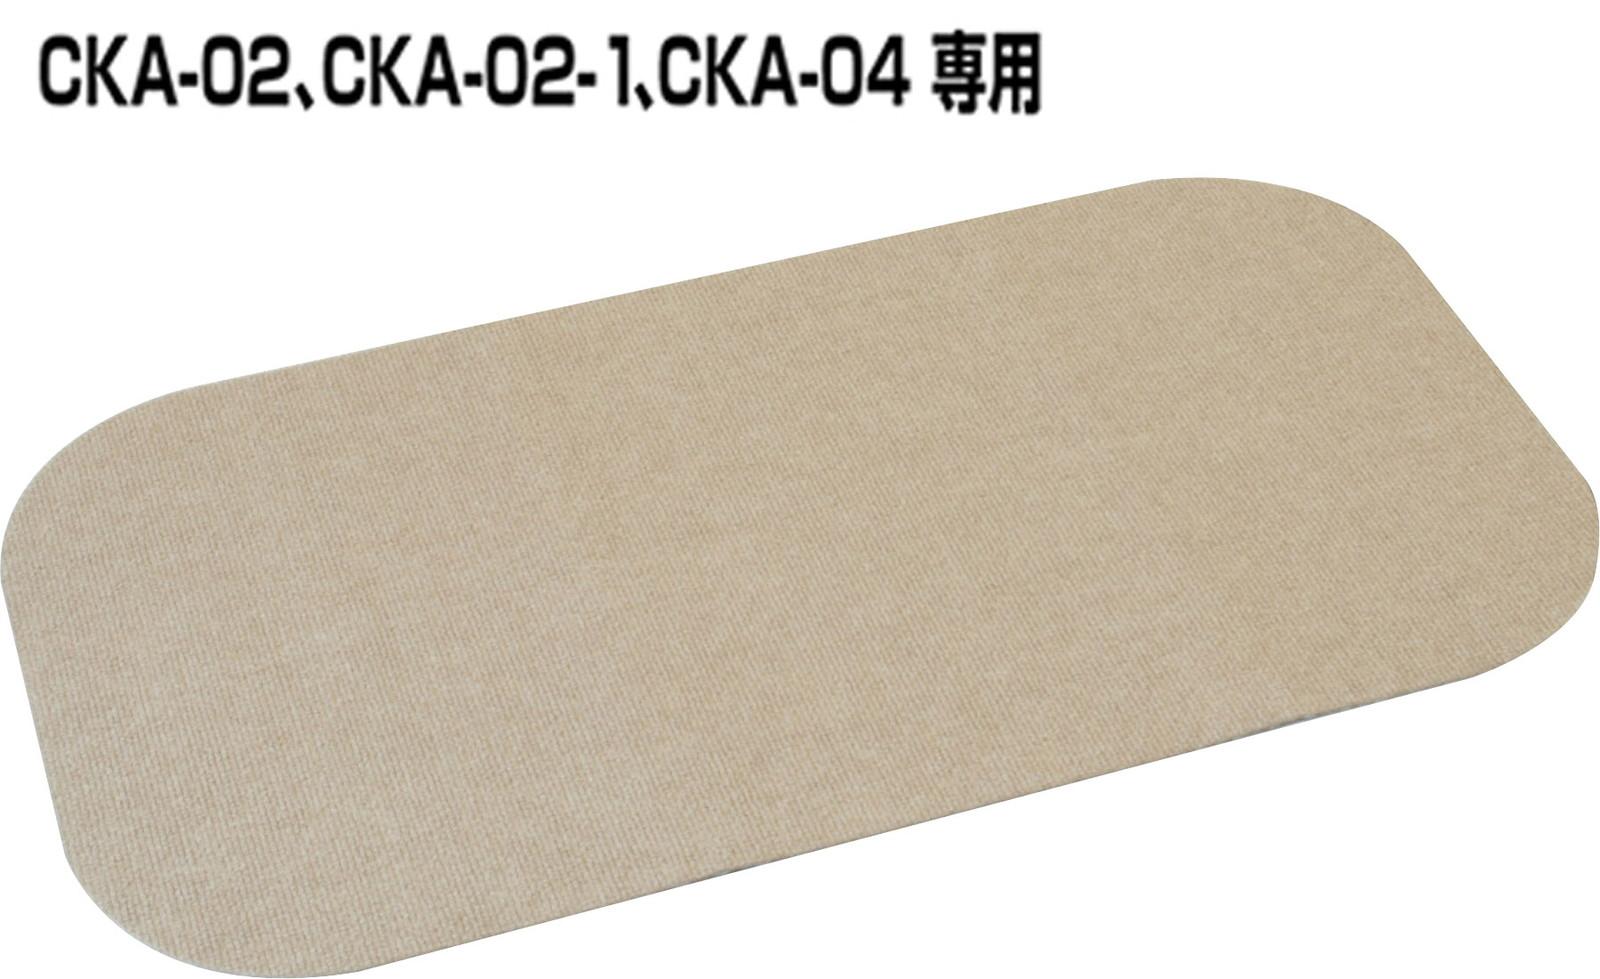 たちあっぷマット CKA-02/CKA-04専用(5枚入) CKA-DB D47.5×W87.5cm  [※代引不可]